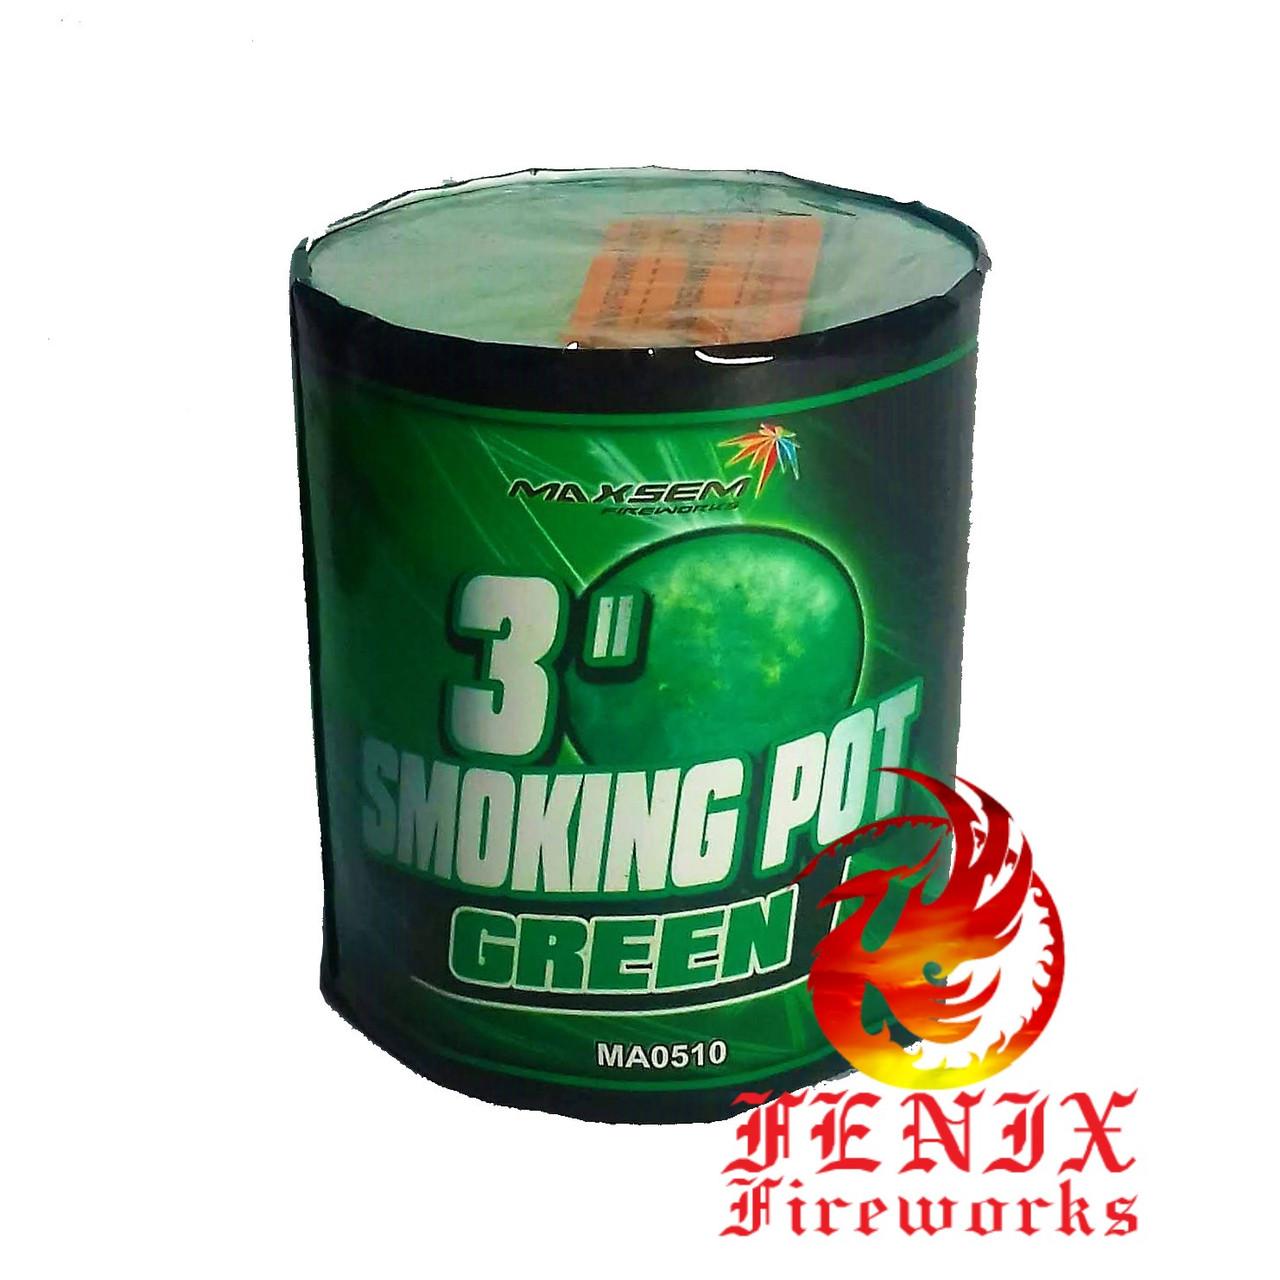 ЦВЕТНОЙ ДЫМ ЗЕЛЕНЫЙ ПРОФЕССИОНАЛЬНЫЙ Smoke Pot 60секунд MA0510/G